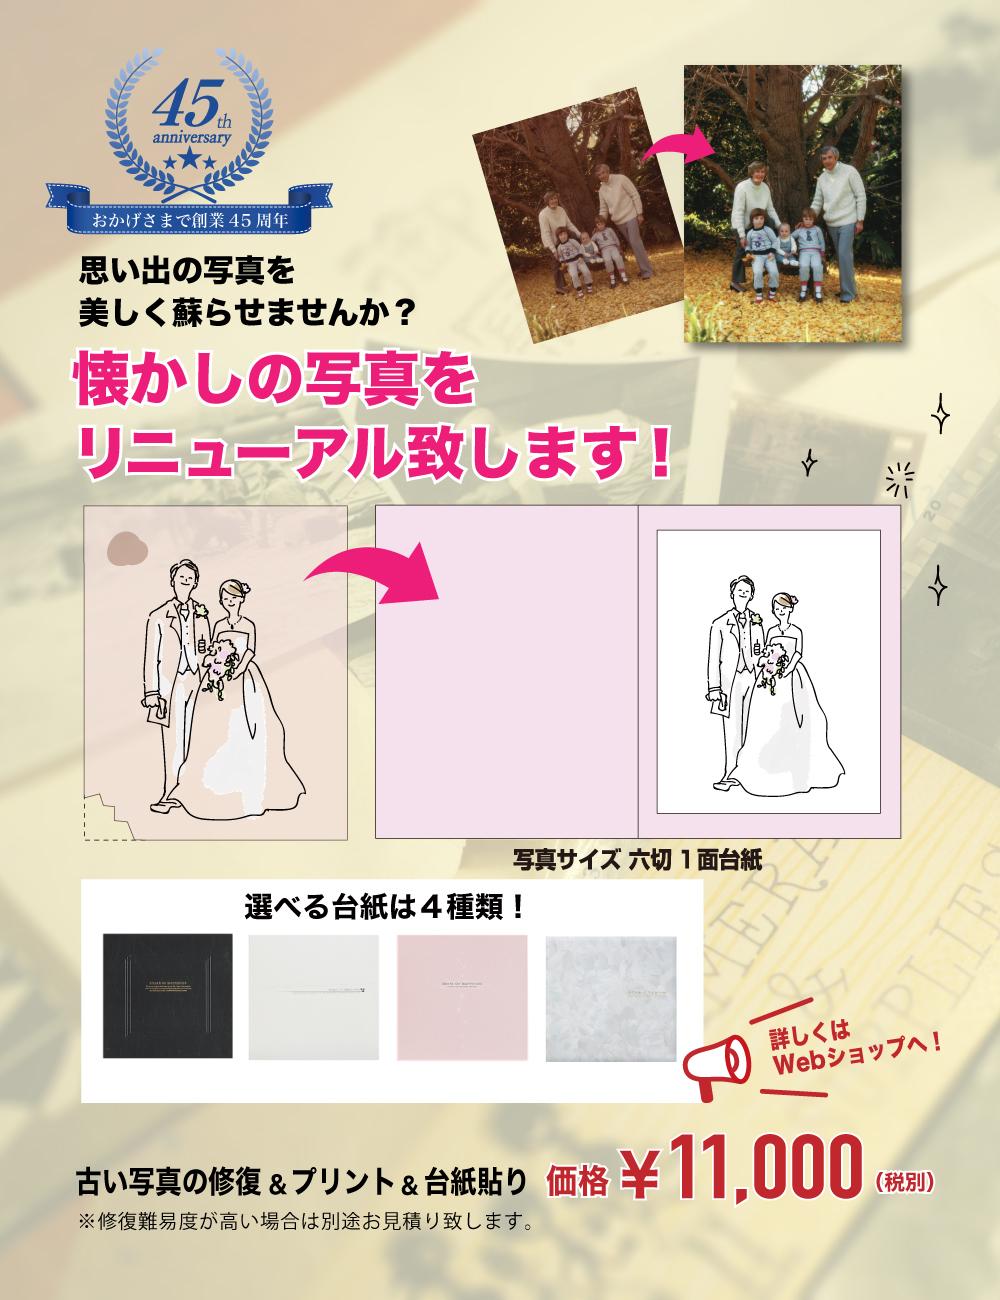 懐かしの写真をリニューアル致します! 古い写真の修復&プリント&台紙貼り ¥11,000〜(税別)